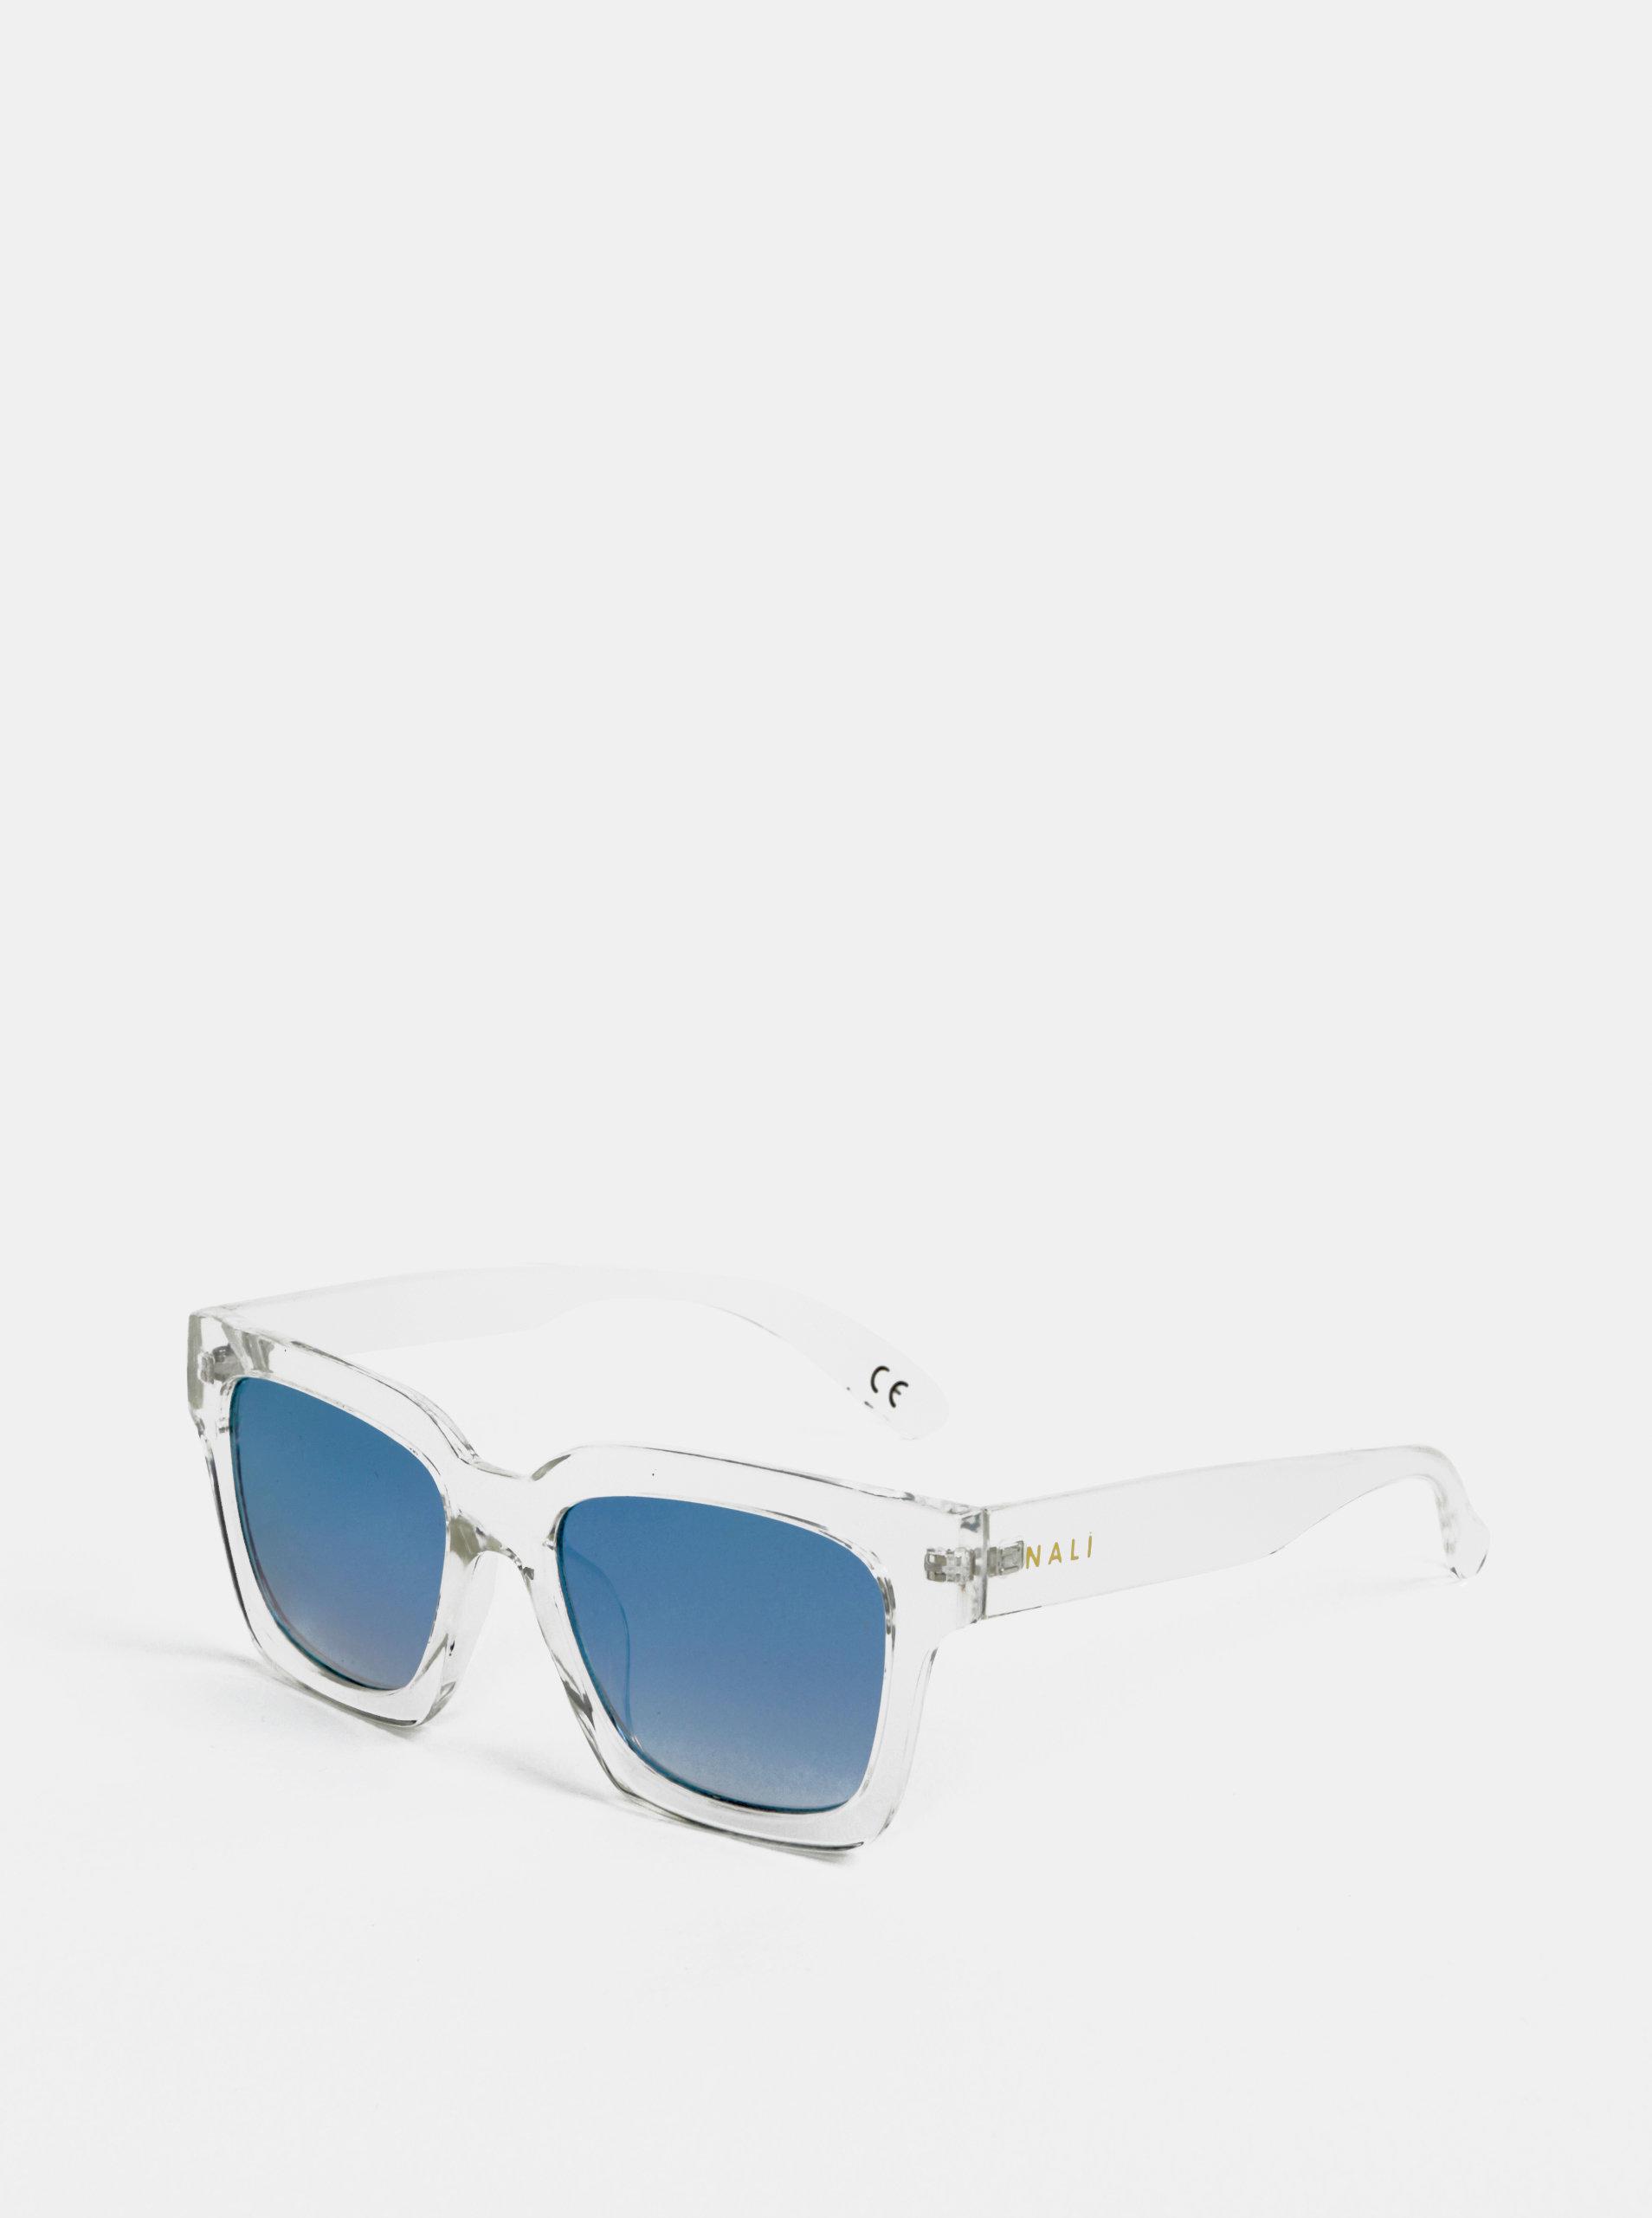 Svetlosivé transparentné slnečné okuliare Nalí ... 2b0c2ea0026